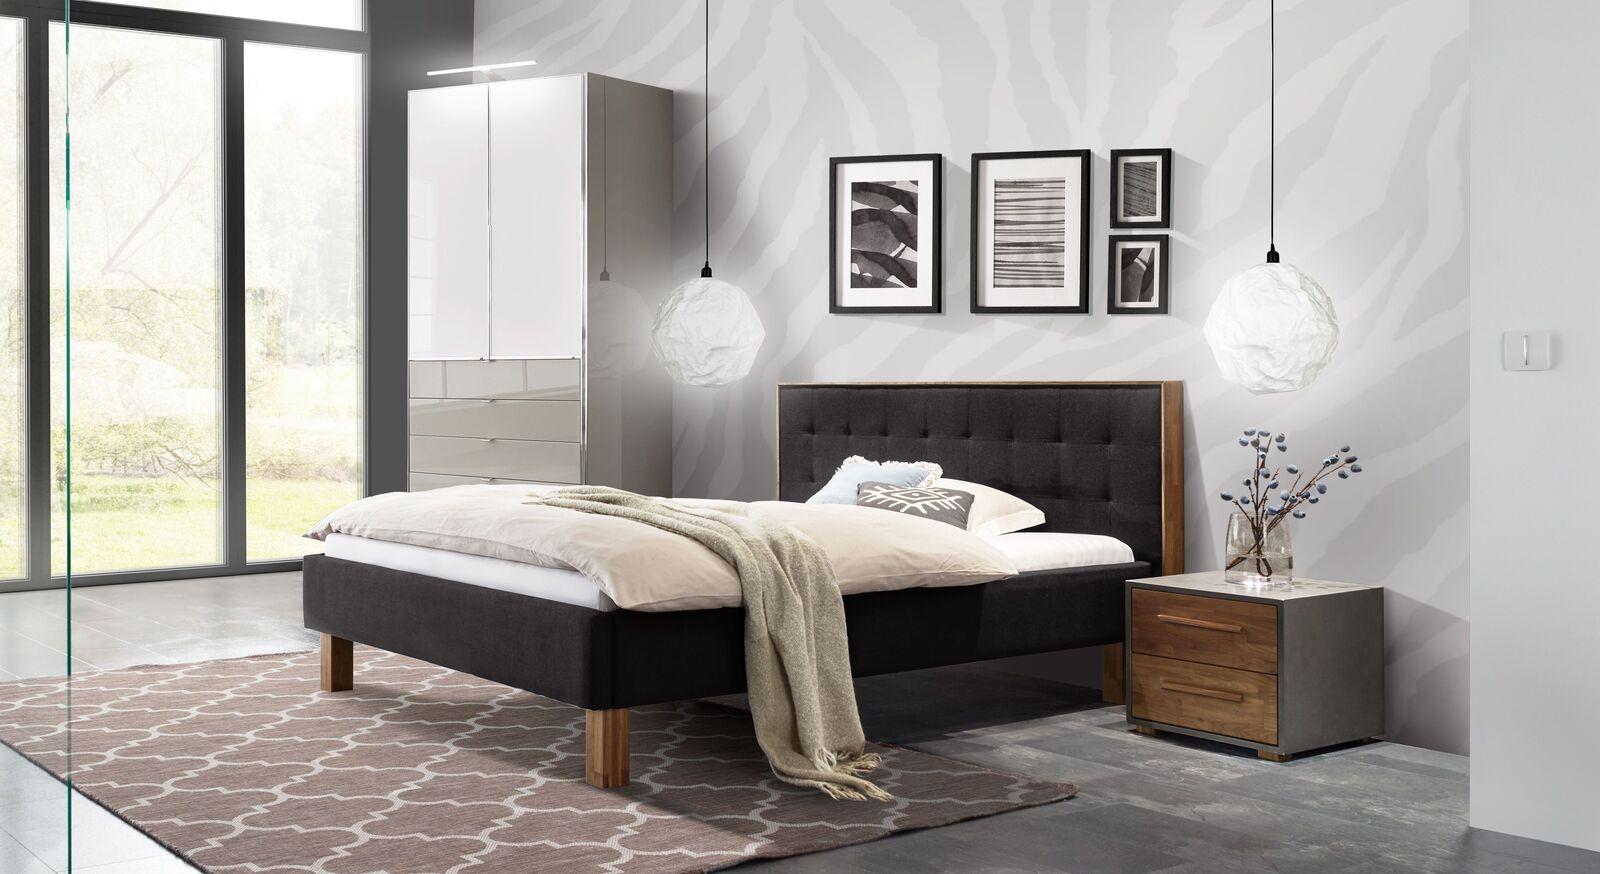 Full Size of Schlafzimmer Komplett Modern Massiv Weiss Set Luxus Moderne Esstische Truhe Landhausstil Sessel Teppich Guenstig Komplettangebote Klimagerät Für Stuhl Wohnzimmer Schlafzimmer Komplett Modern